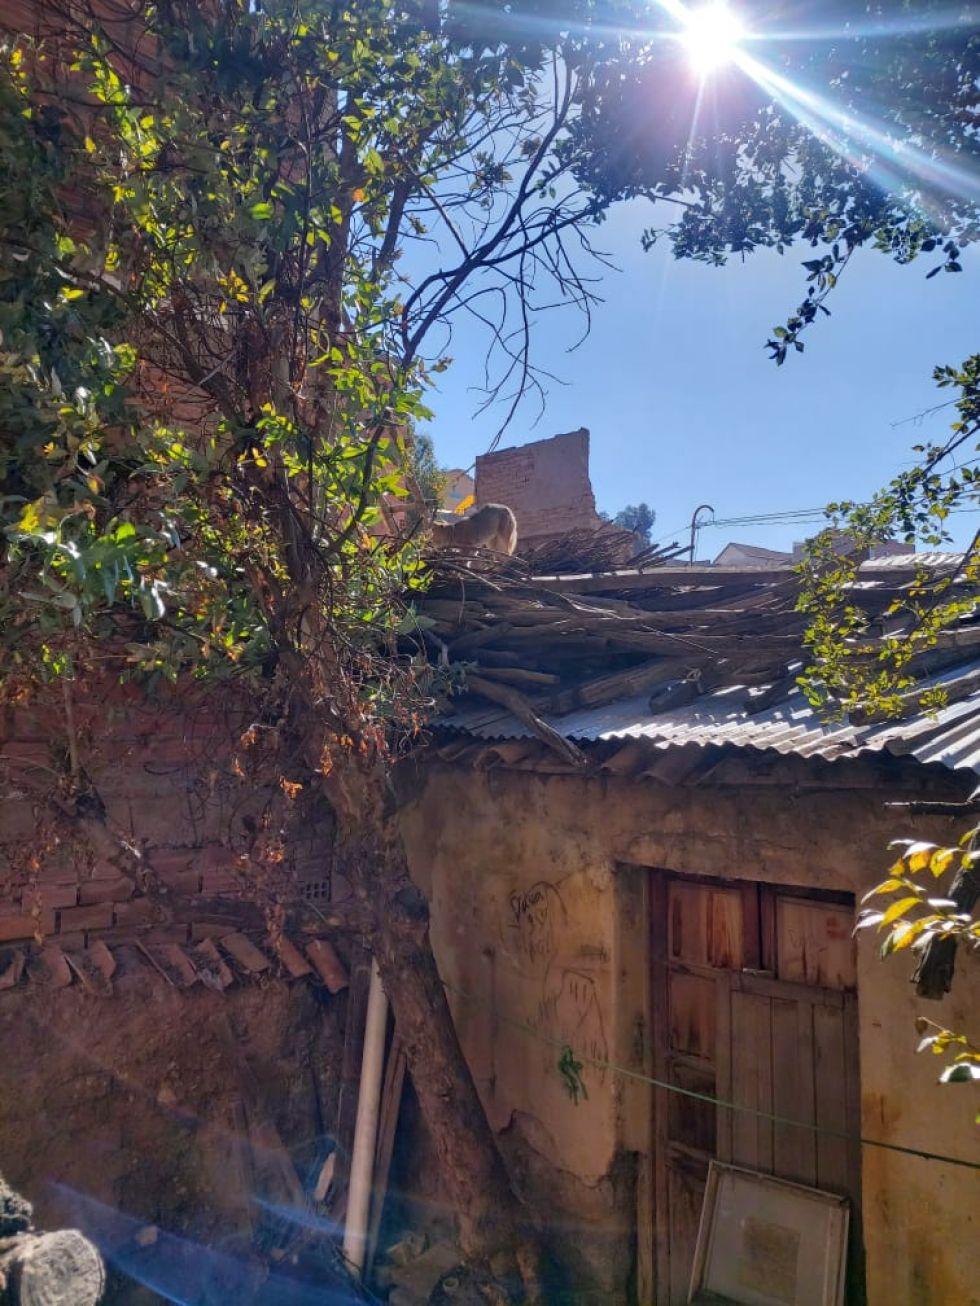 El responsable de Zoonosis del Gobierno Municipal de Potosí, Omar Berazain, informó que se trataría de una zorra y deduce que algún vecino la crió